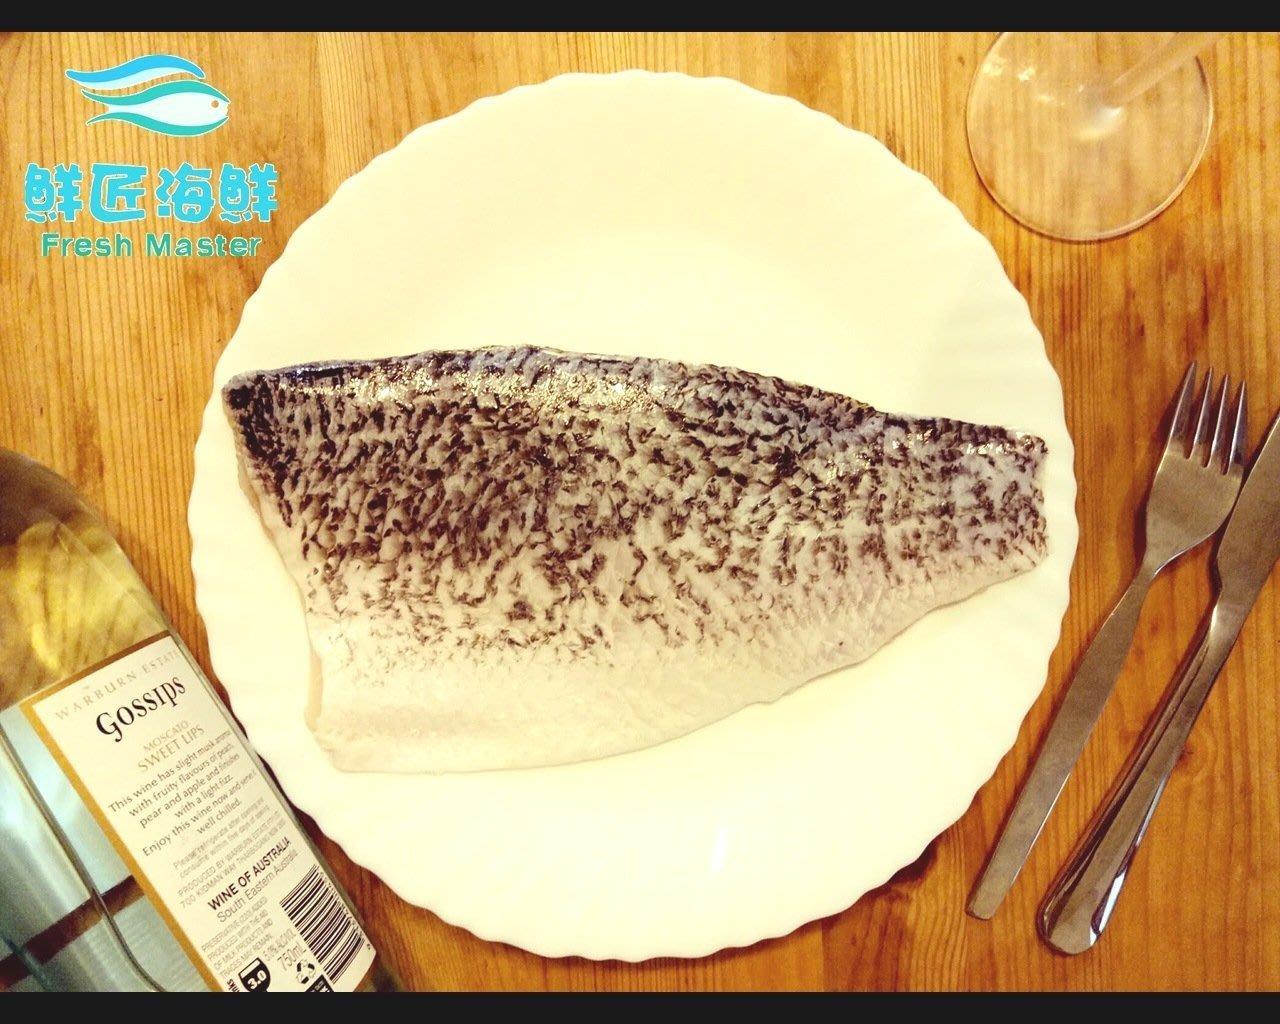 【鮮匠海鮮】【金目鱸魚片清肉魚排(250g)】,冷凍食品真空包裝,餐桌美食,冷凍食品